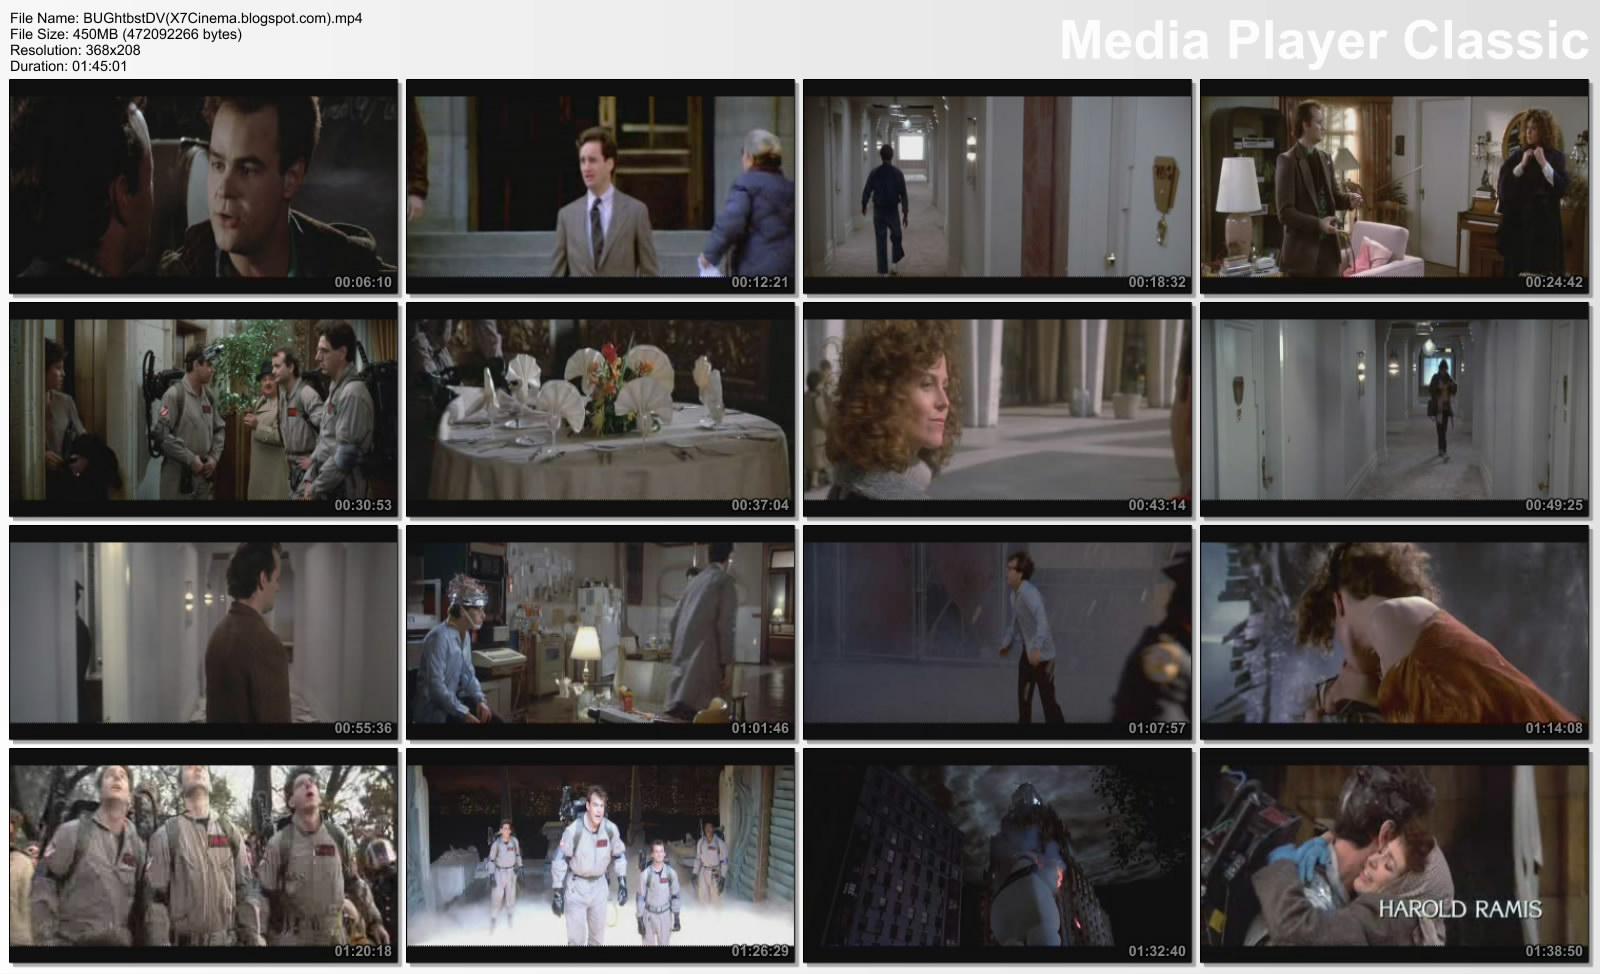 http://2.bp.blogspot.com/-VQz79tOwLvI/TnE7cbz9UYI/AAAAAAAAAG0/pXt3Hp75ACw/s1600/Ghostbusters+%25281984%2529+DVD+SS.jpg